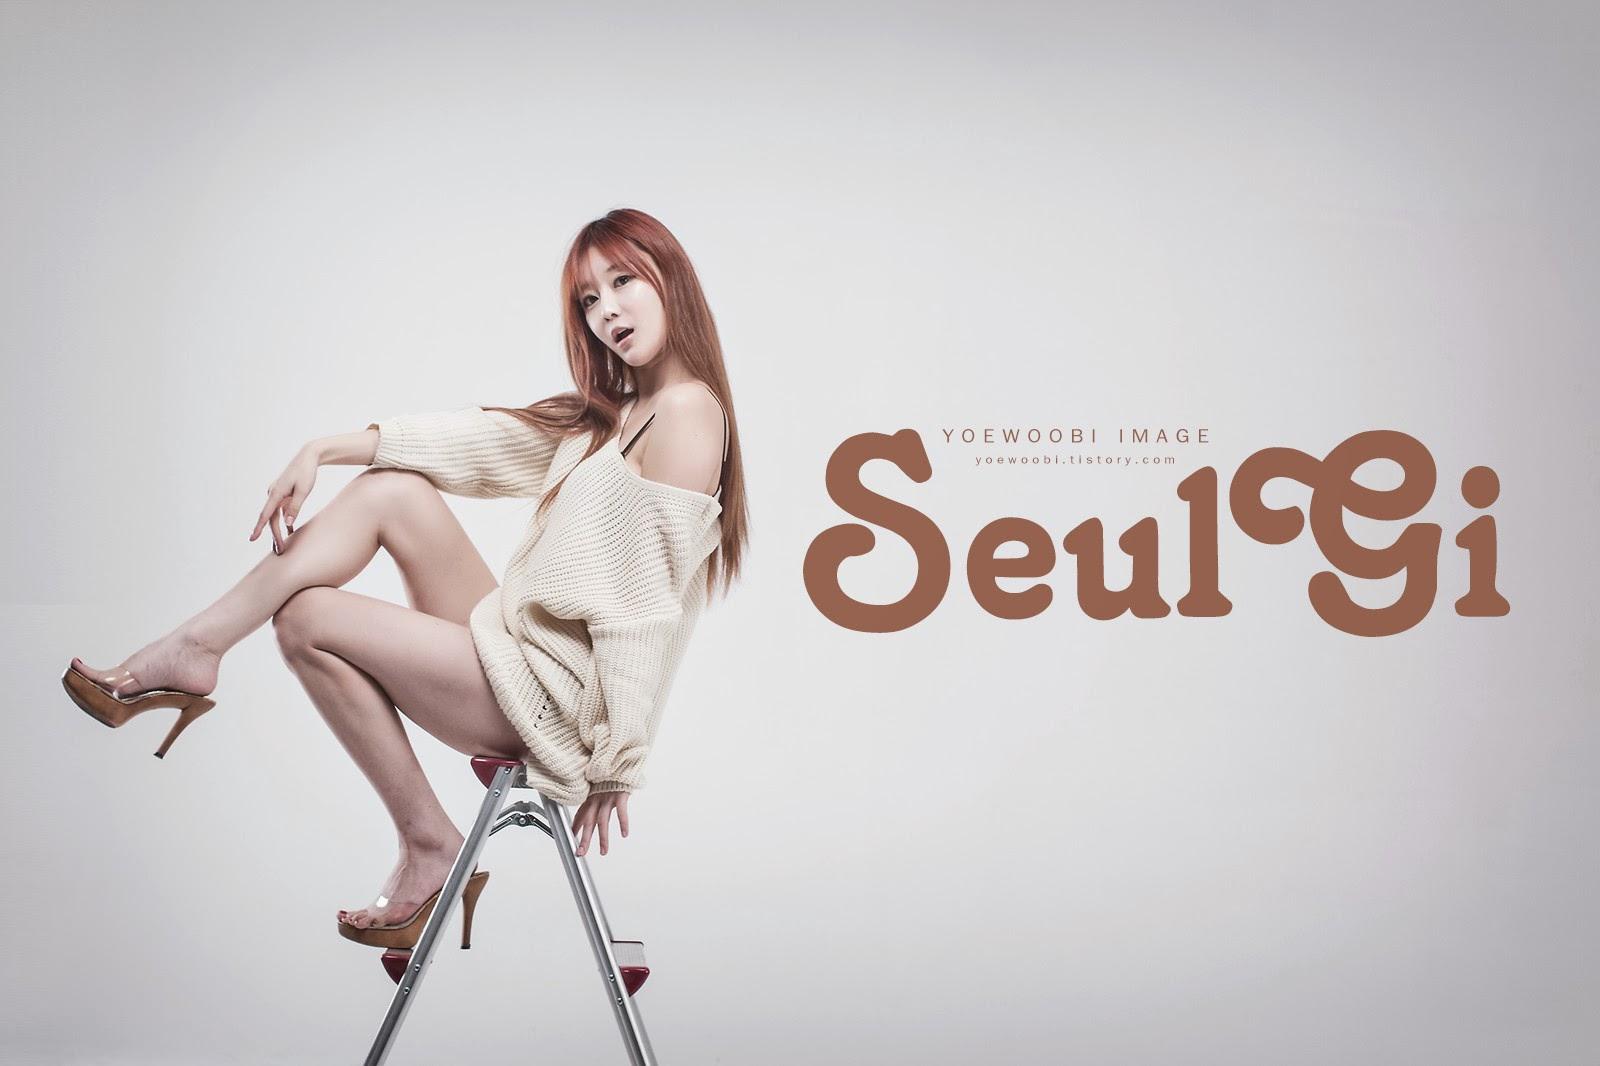 1 Choi Seul Ki - very cute asian girl-girlcute4u.blogspot.com